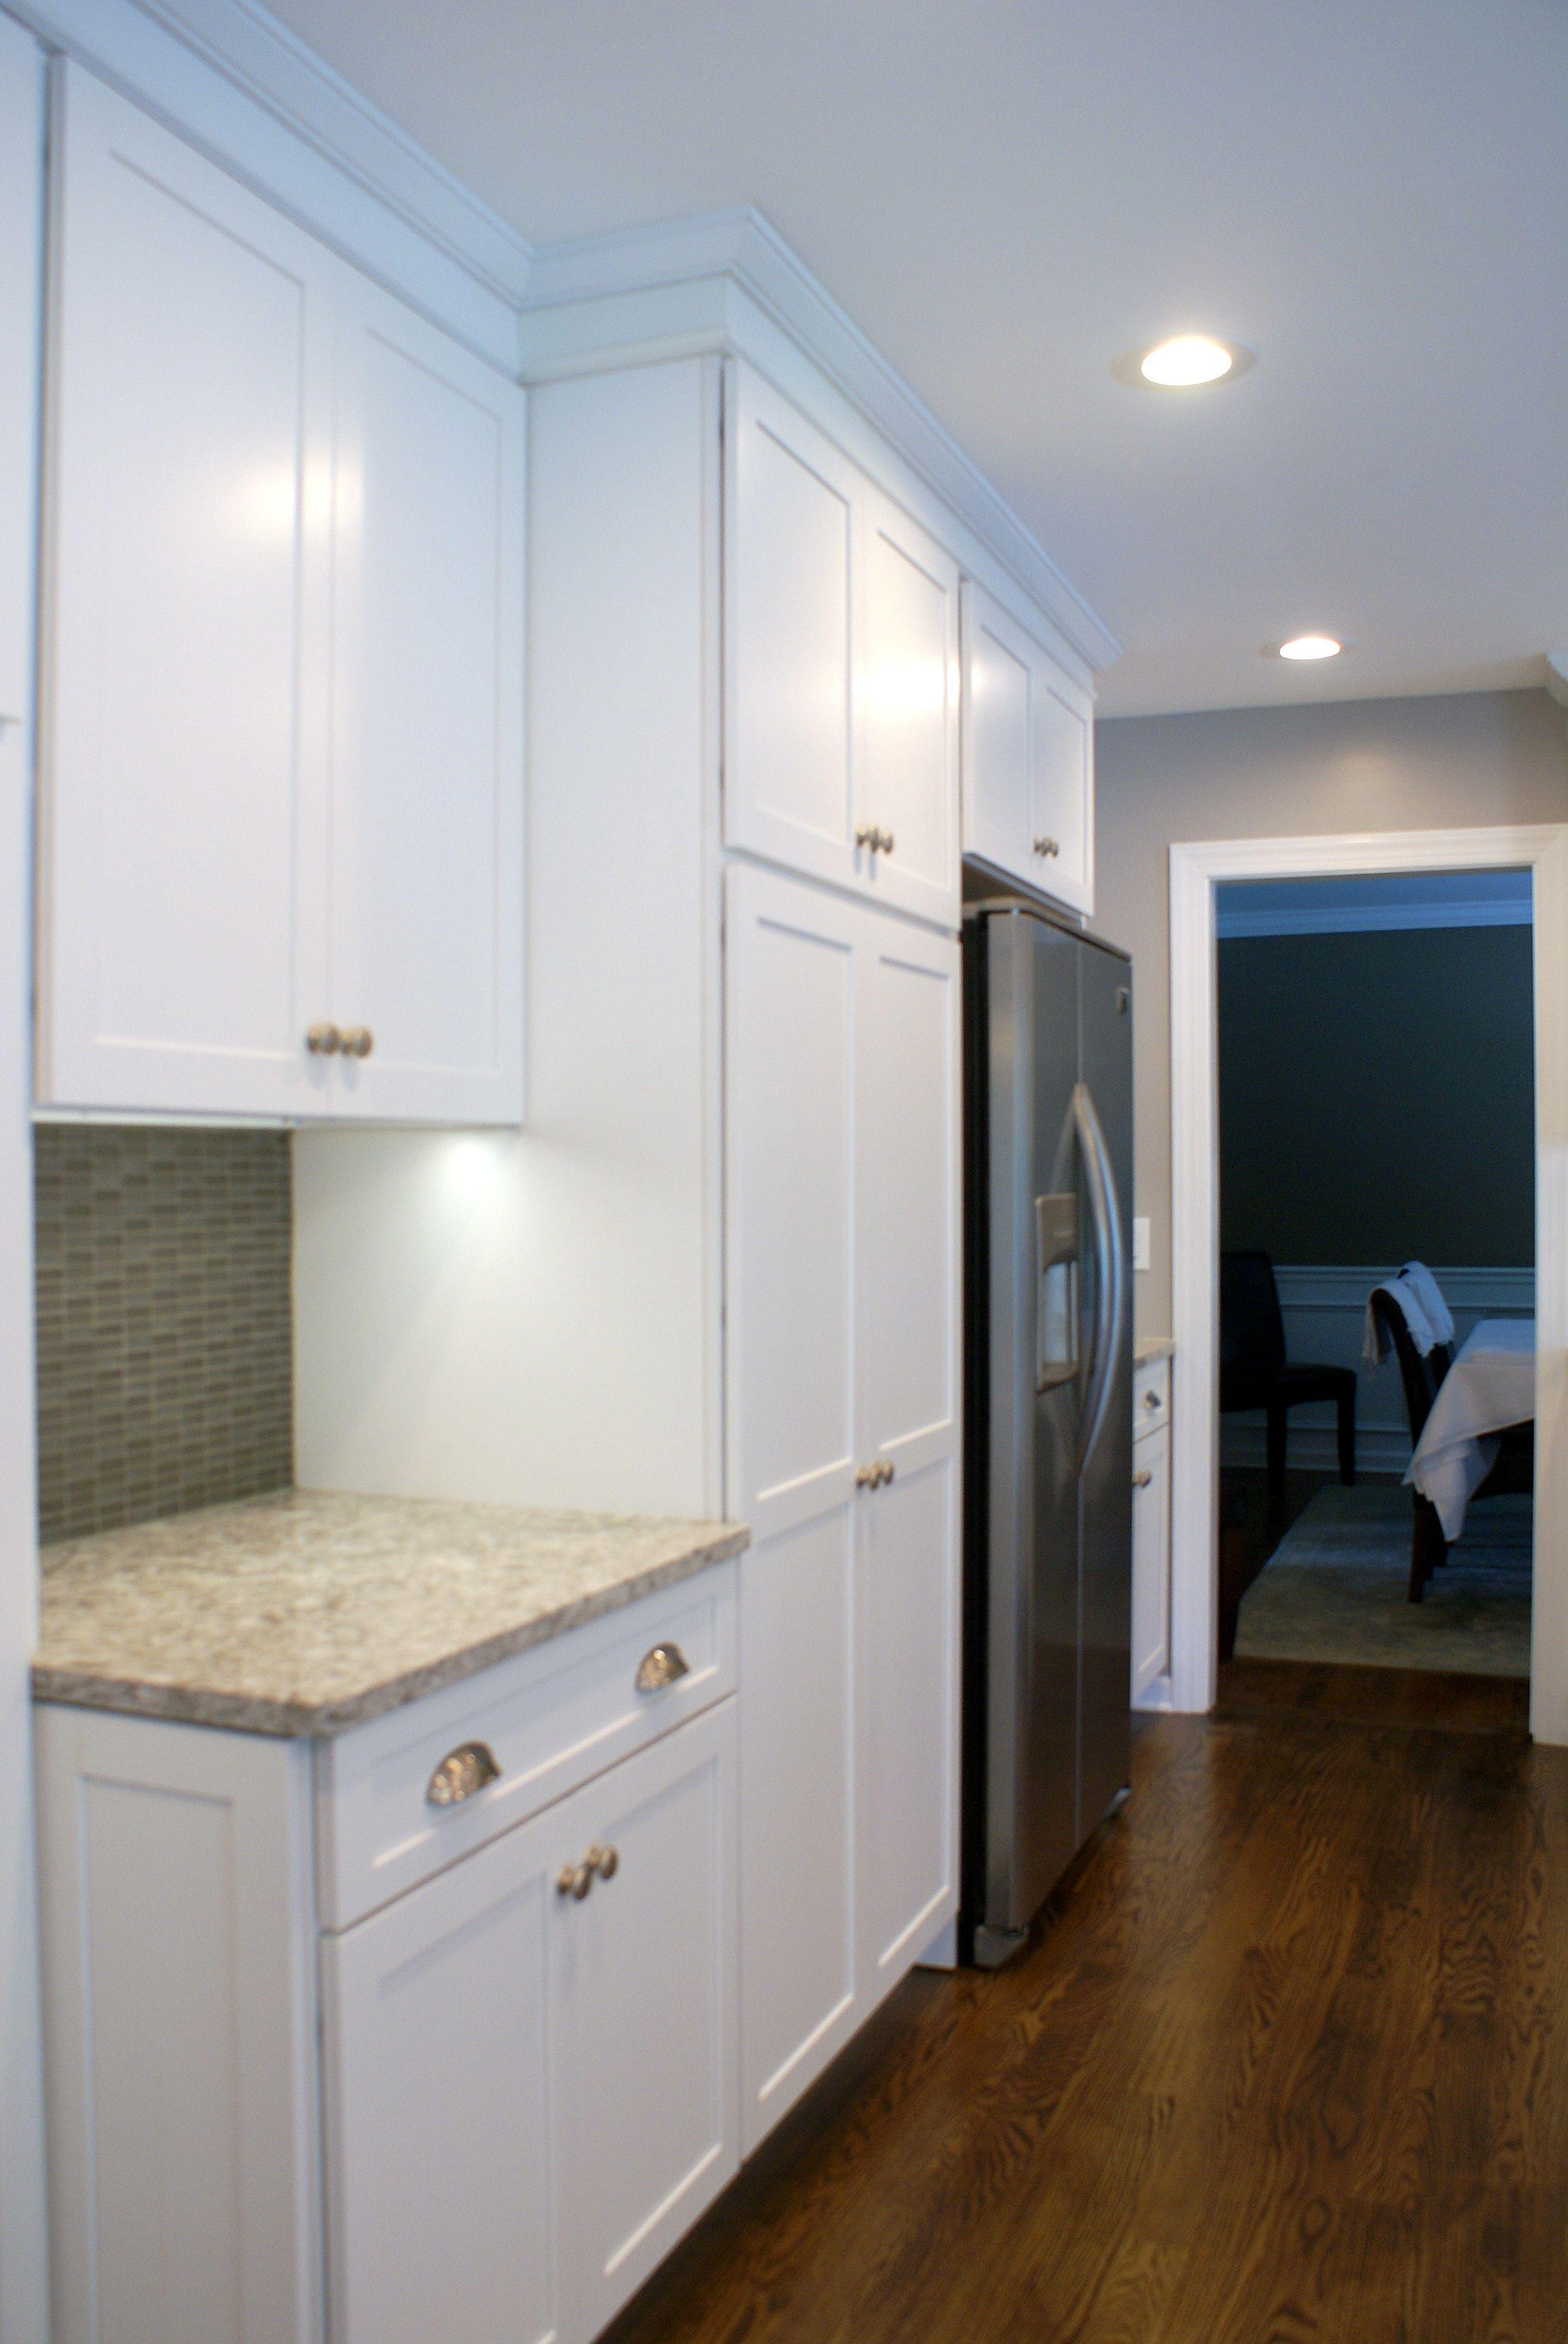 White diamond kitchen with new quay quartz countertops 14 of 15 white diamond kitchen with new quay quartz countertops 14 of 15 dailygadgetfo Images